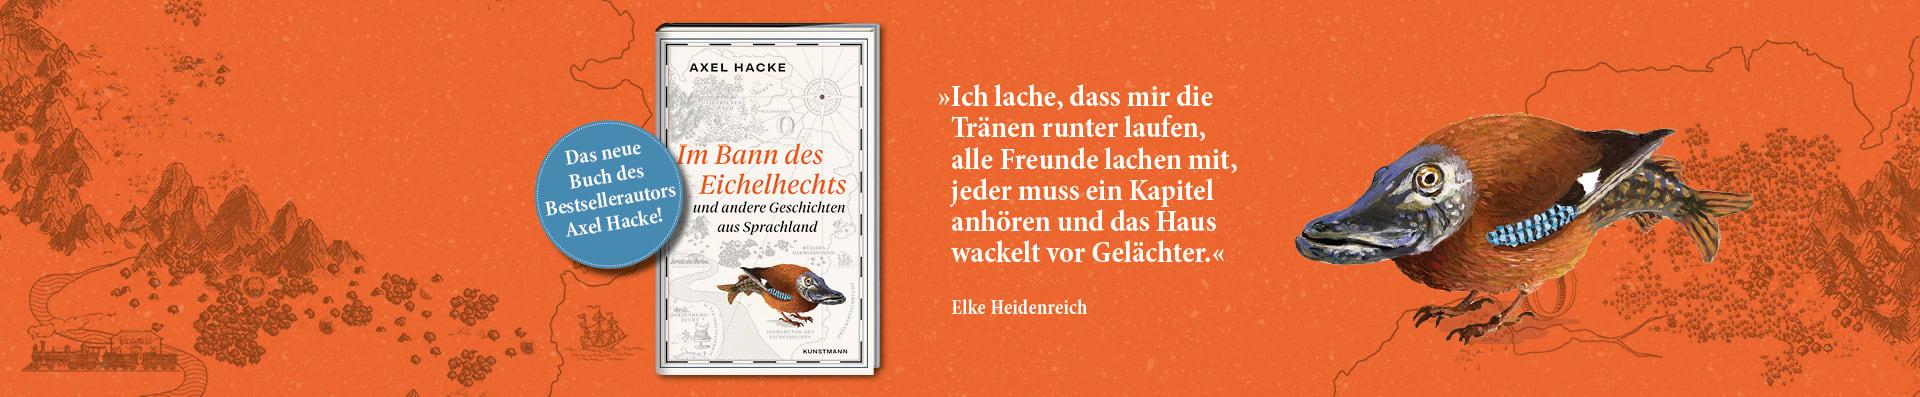 Axel Hacke – Im Bann des Eichelhechts